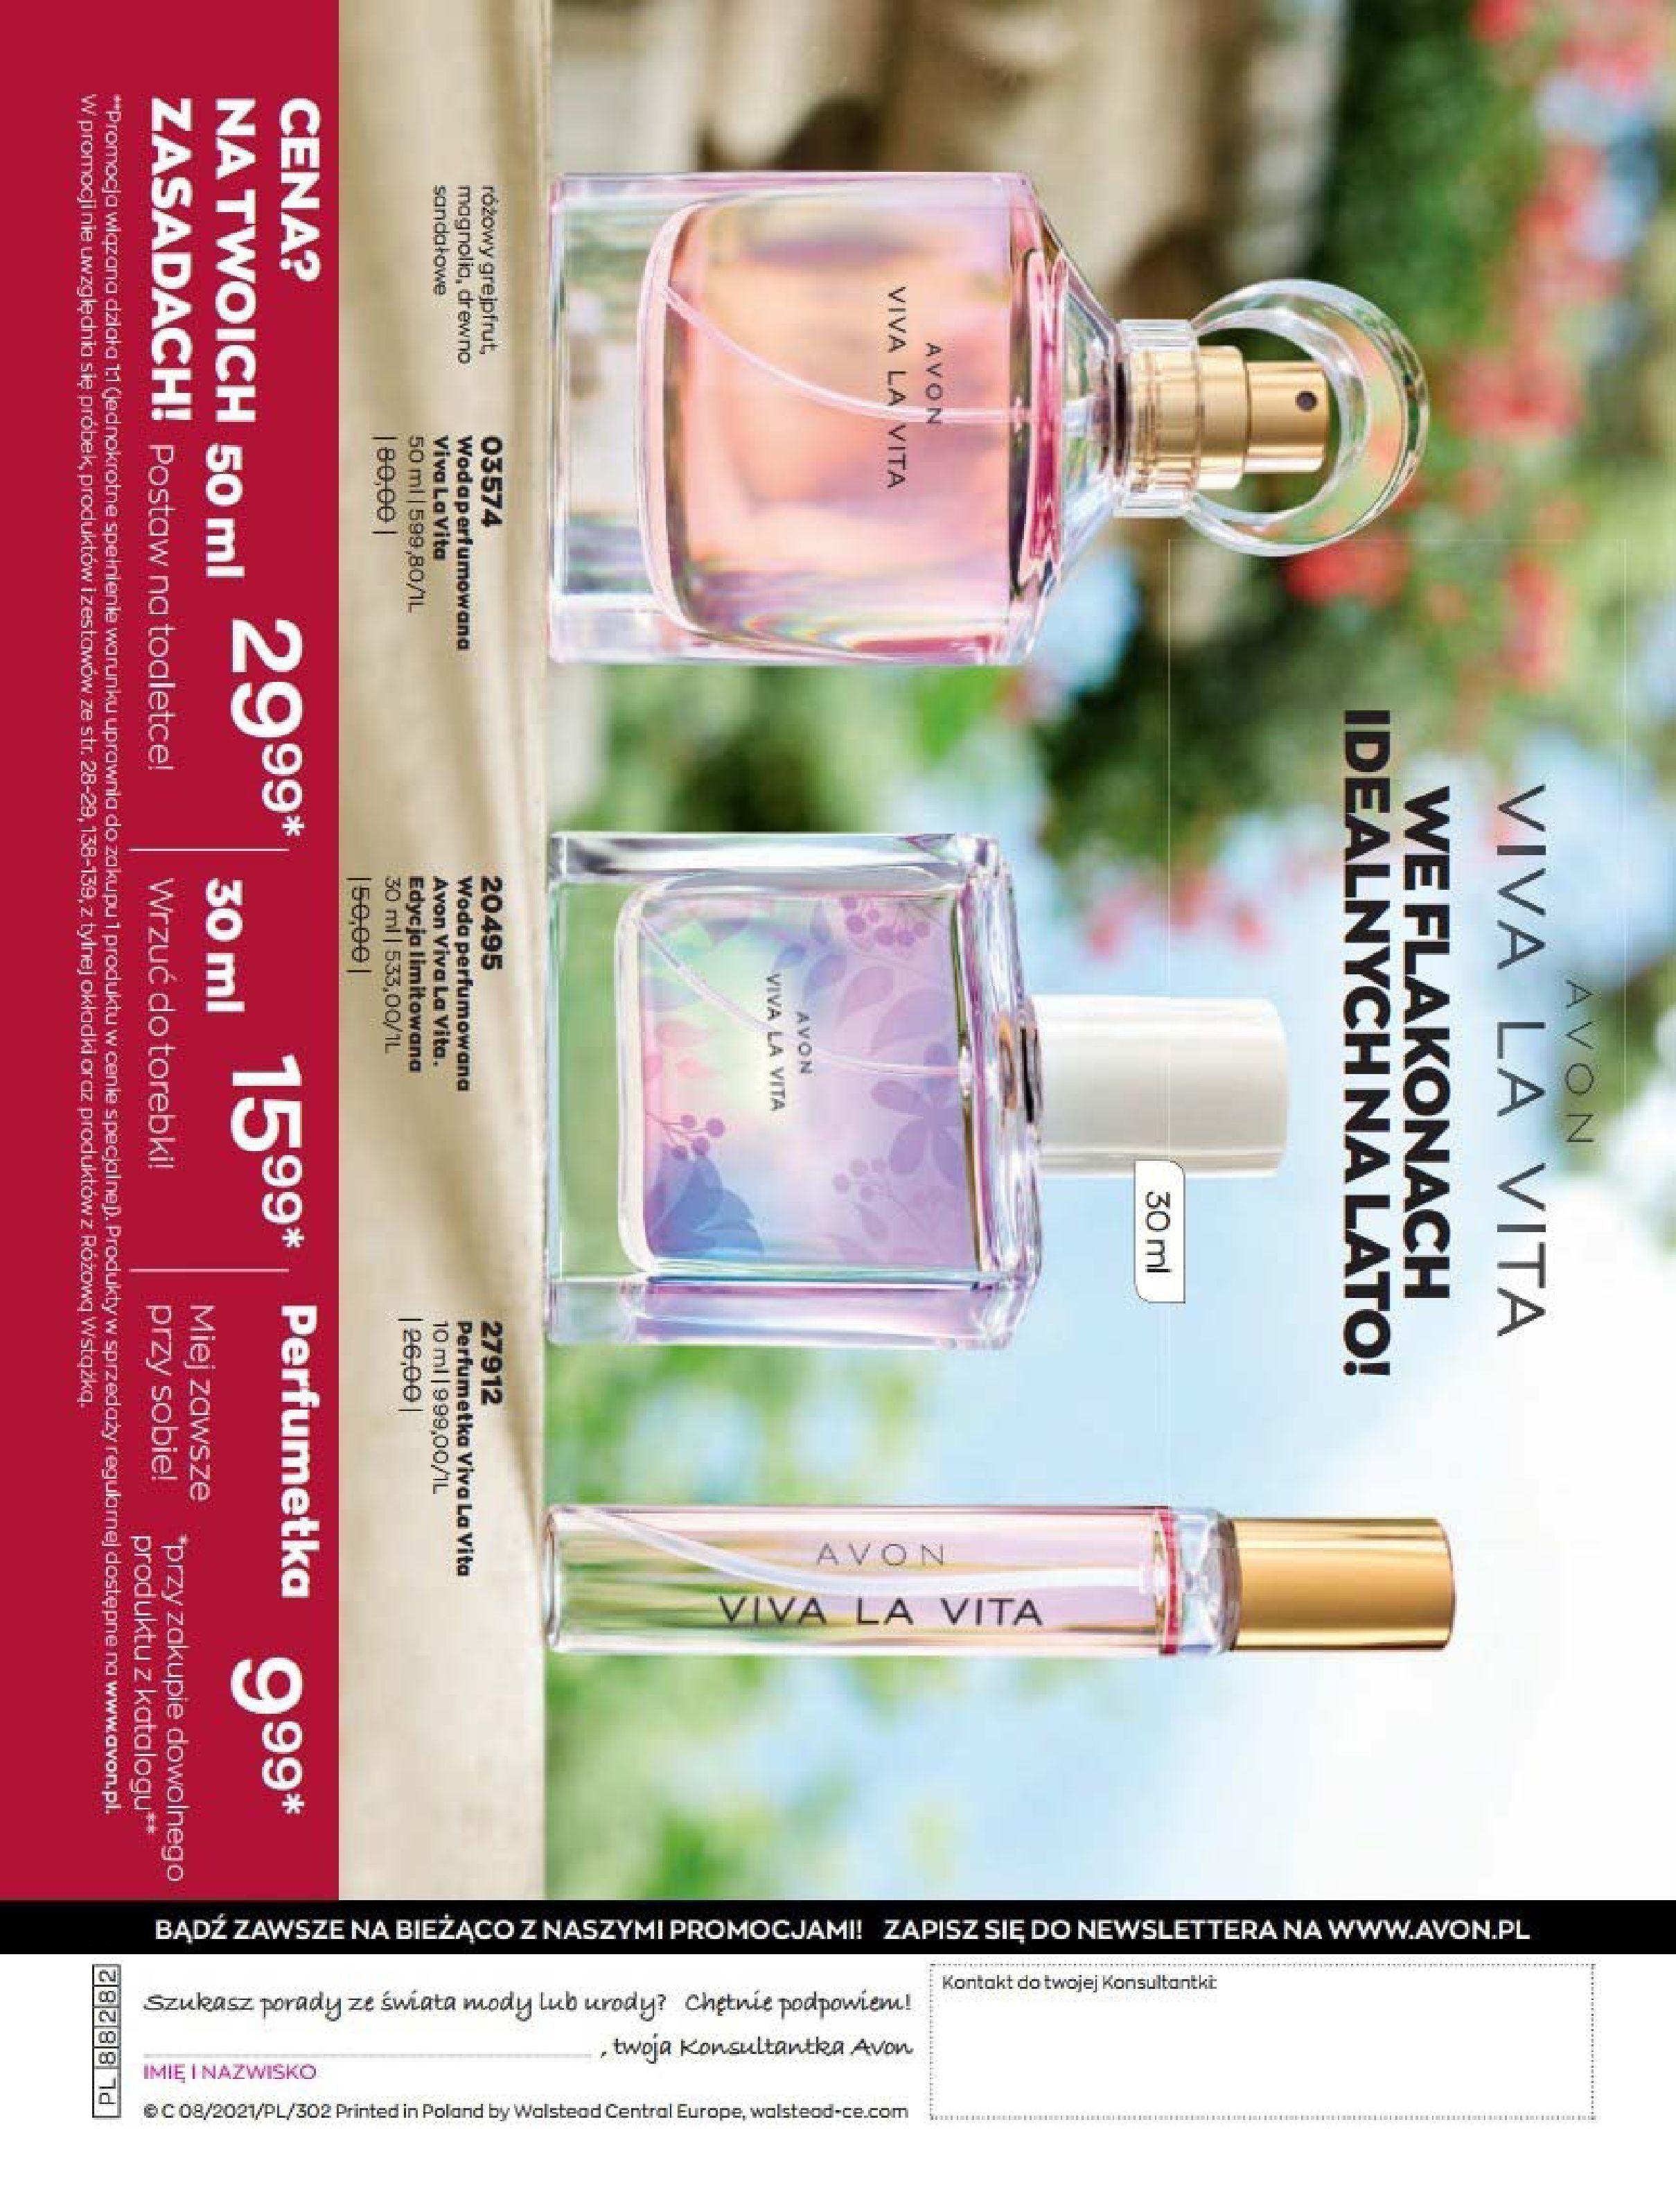 Gazetka Avon: Katalog Avon Sierpień 2021 2021-08-01 page-110